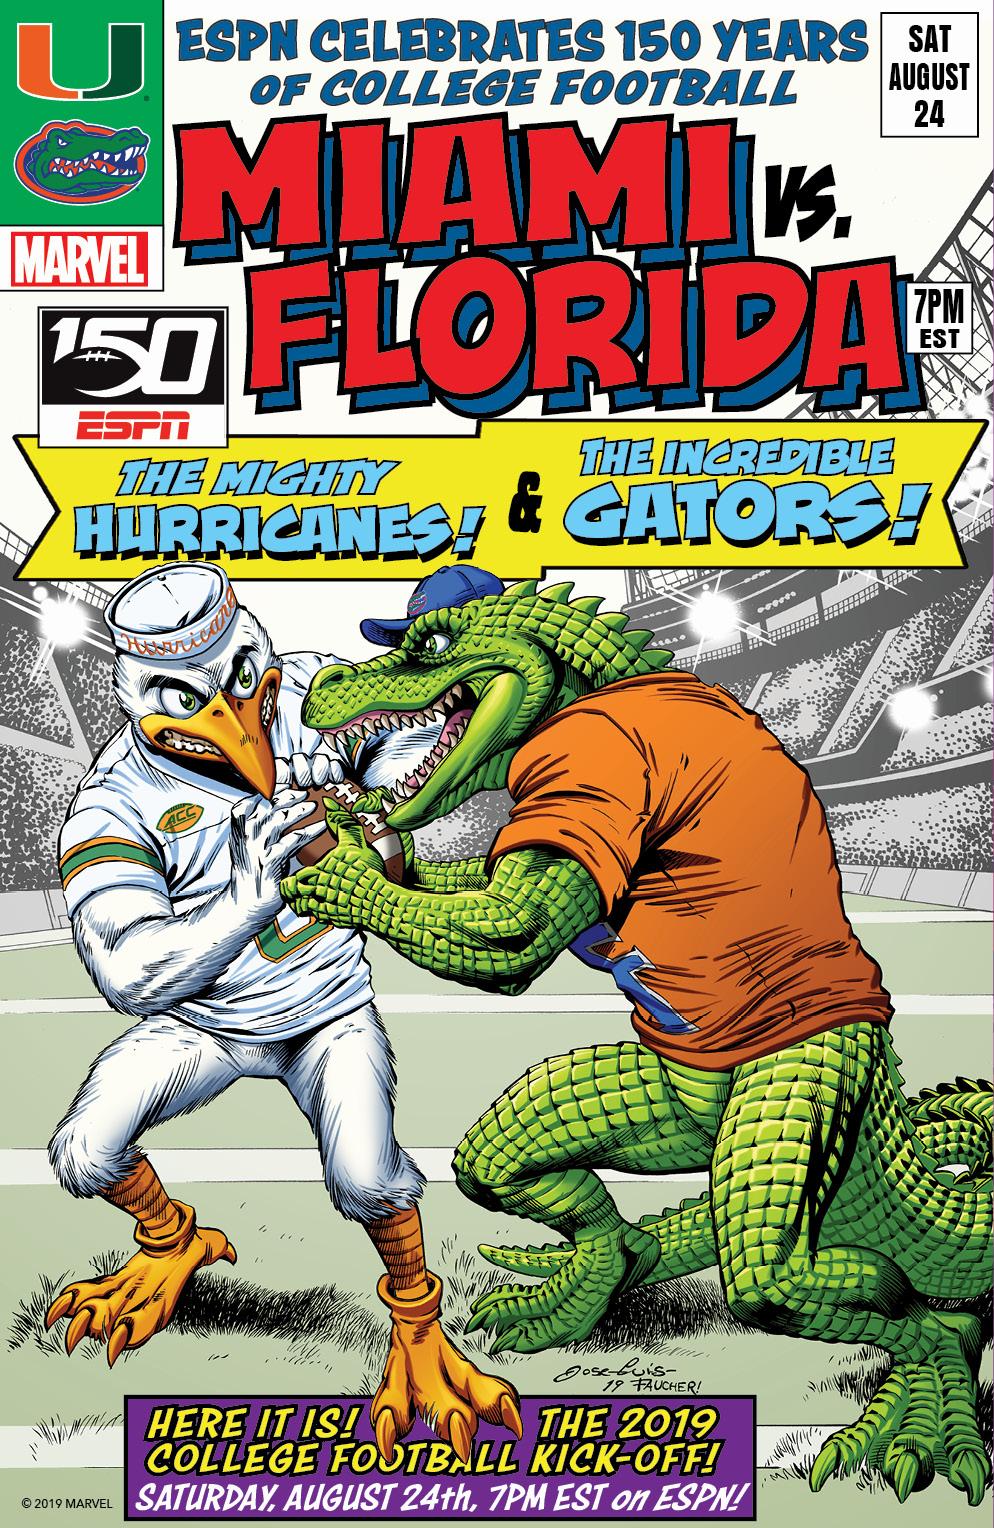 College Football 150 commemorative cover - Miami vs Florida 2019